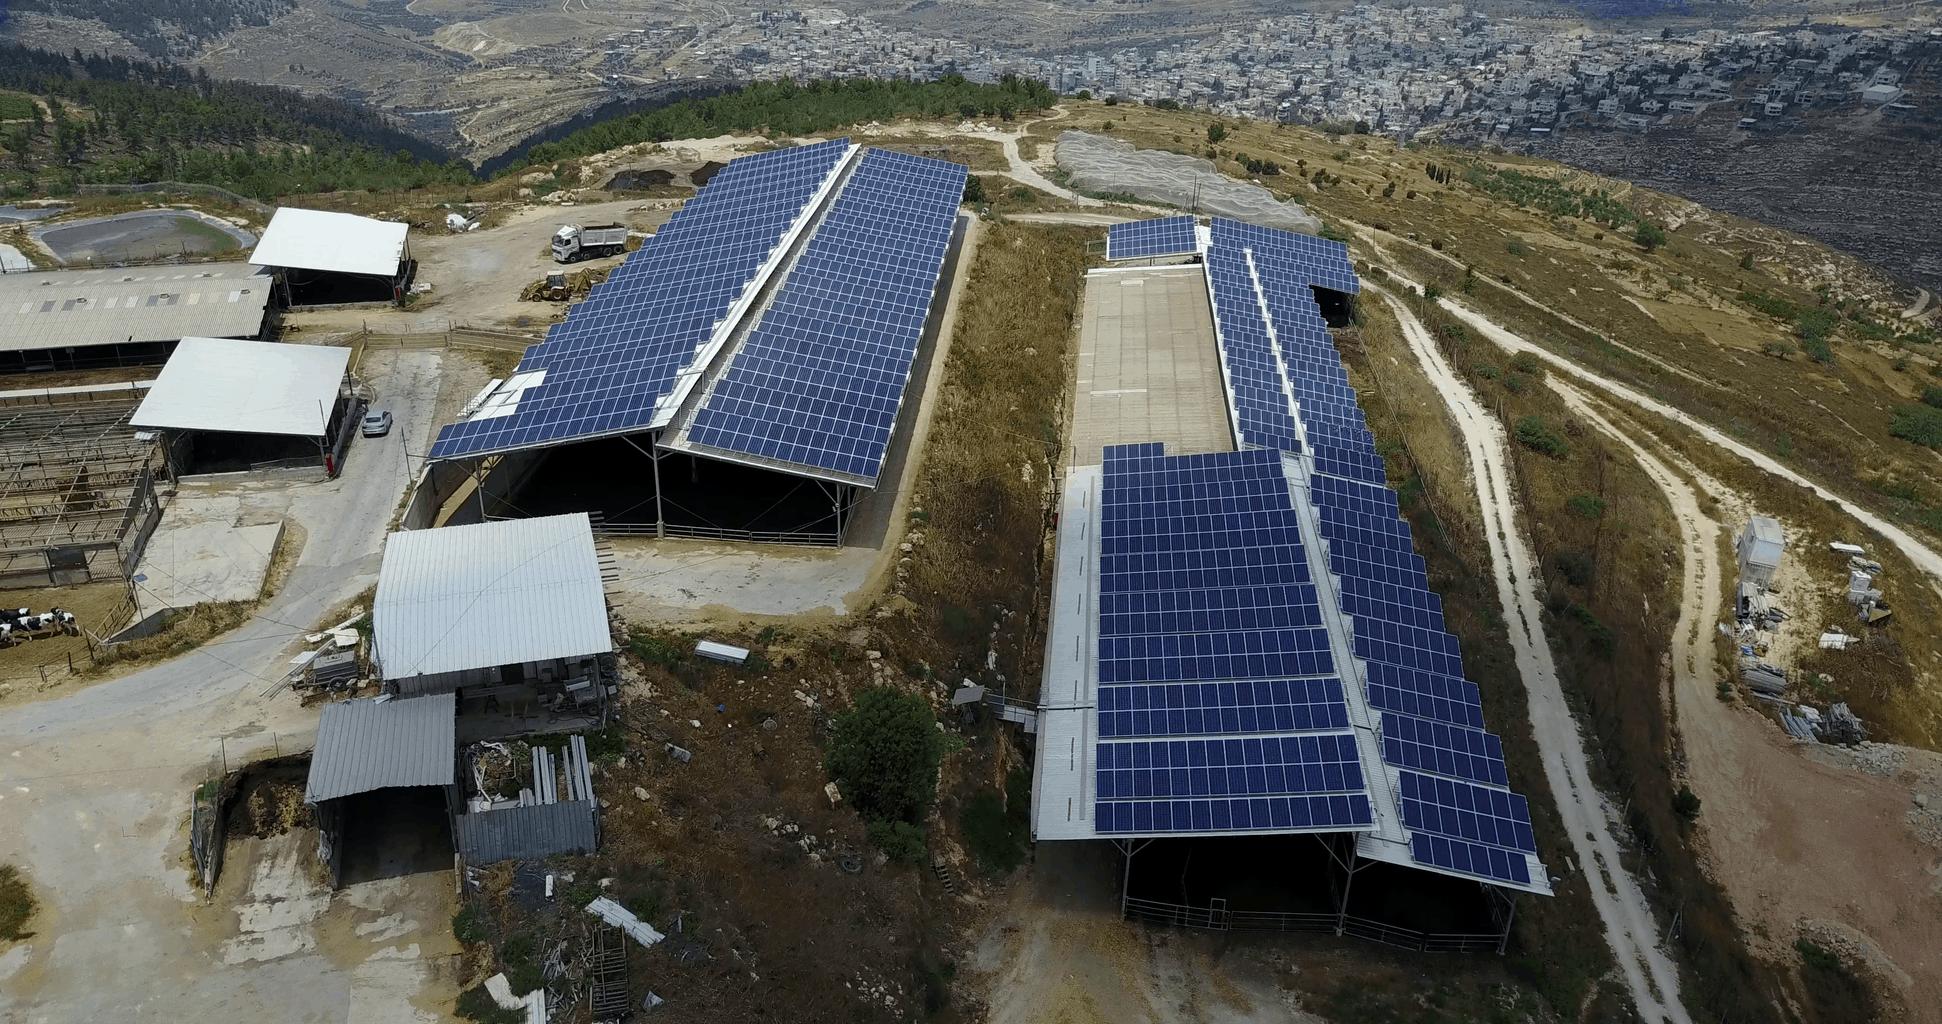 ייצור חשמל סולארי עצמאי